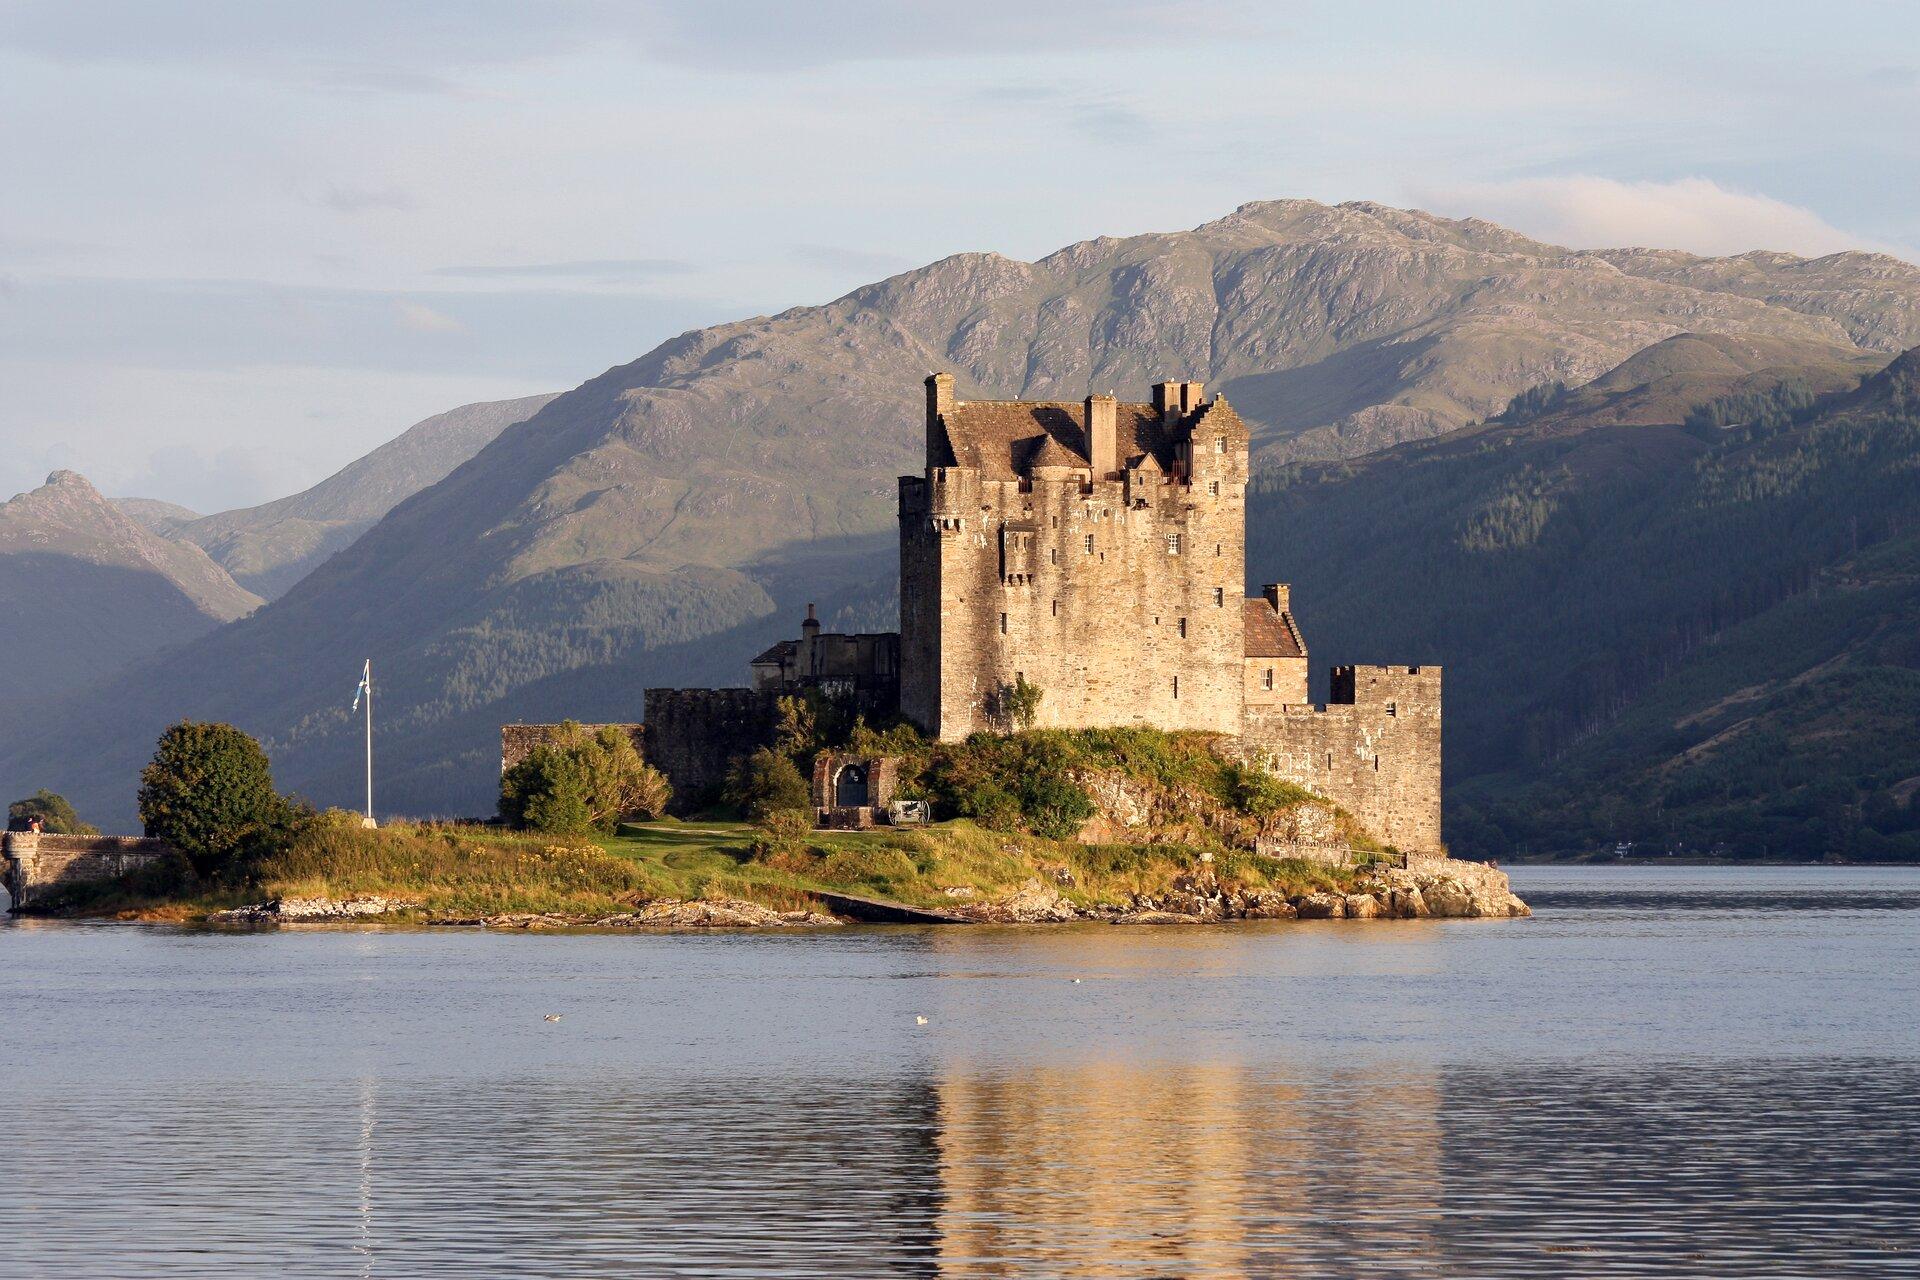 Zamek Eilean Donan wSzkocji Zamek Eilean Donan wSzkocji Źródło: Guillaume Piolle, Wikimedia Commons, licencja: CC BY 3.0.